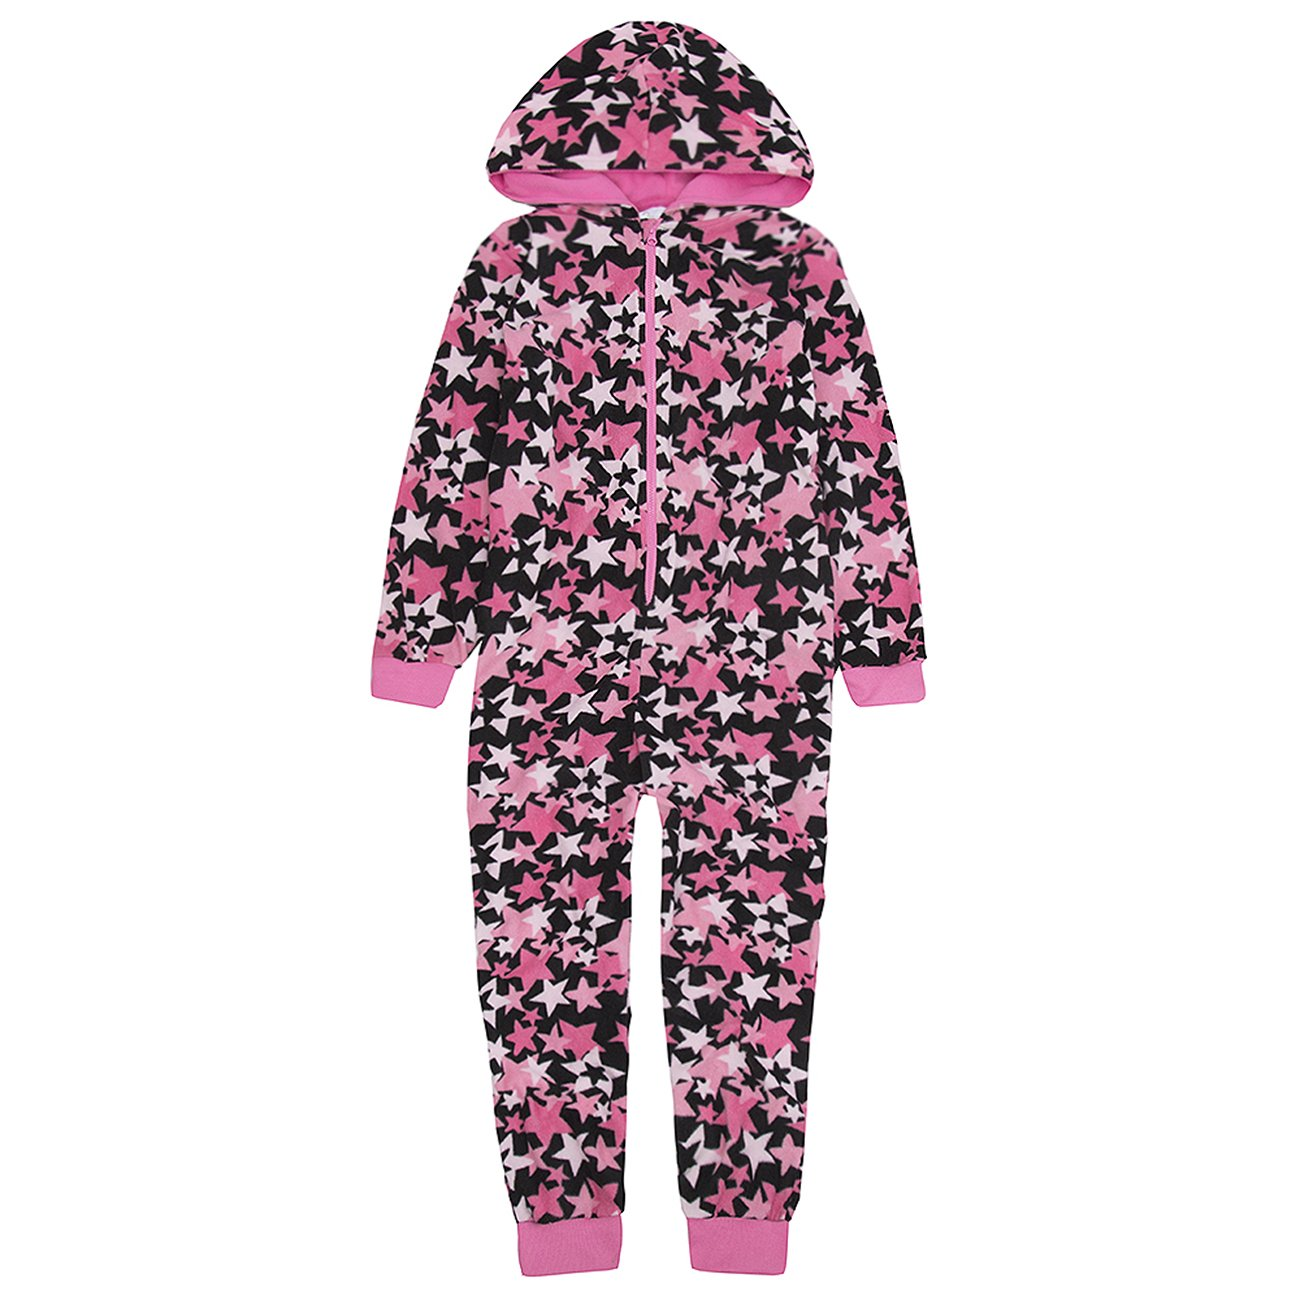 Selena Girl Girls Hooded Onesie Fleece All in One Kids Printed Jump Sleep Suit Nightwear Cosy Pyjamas